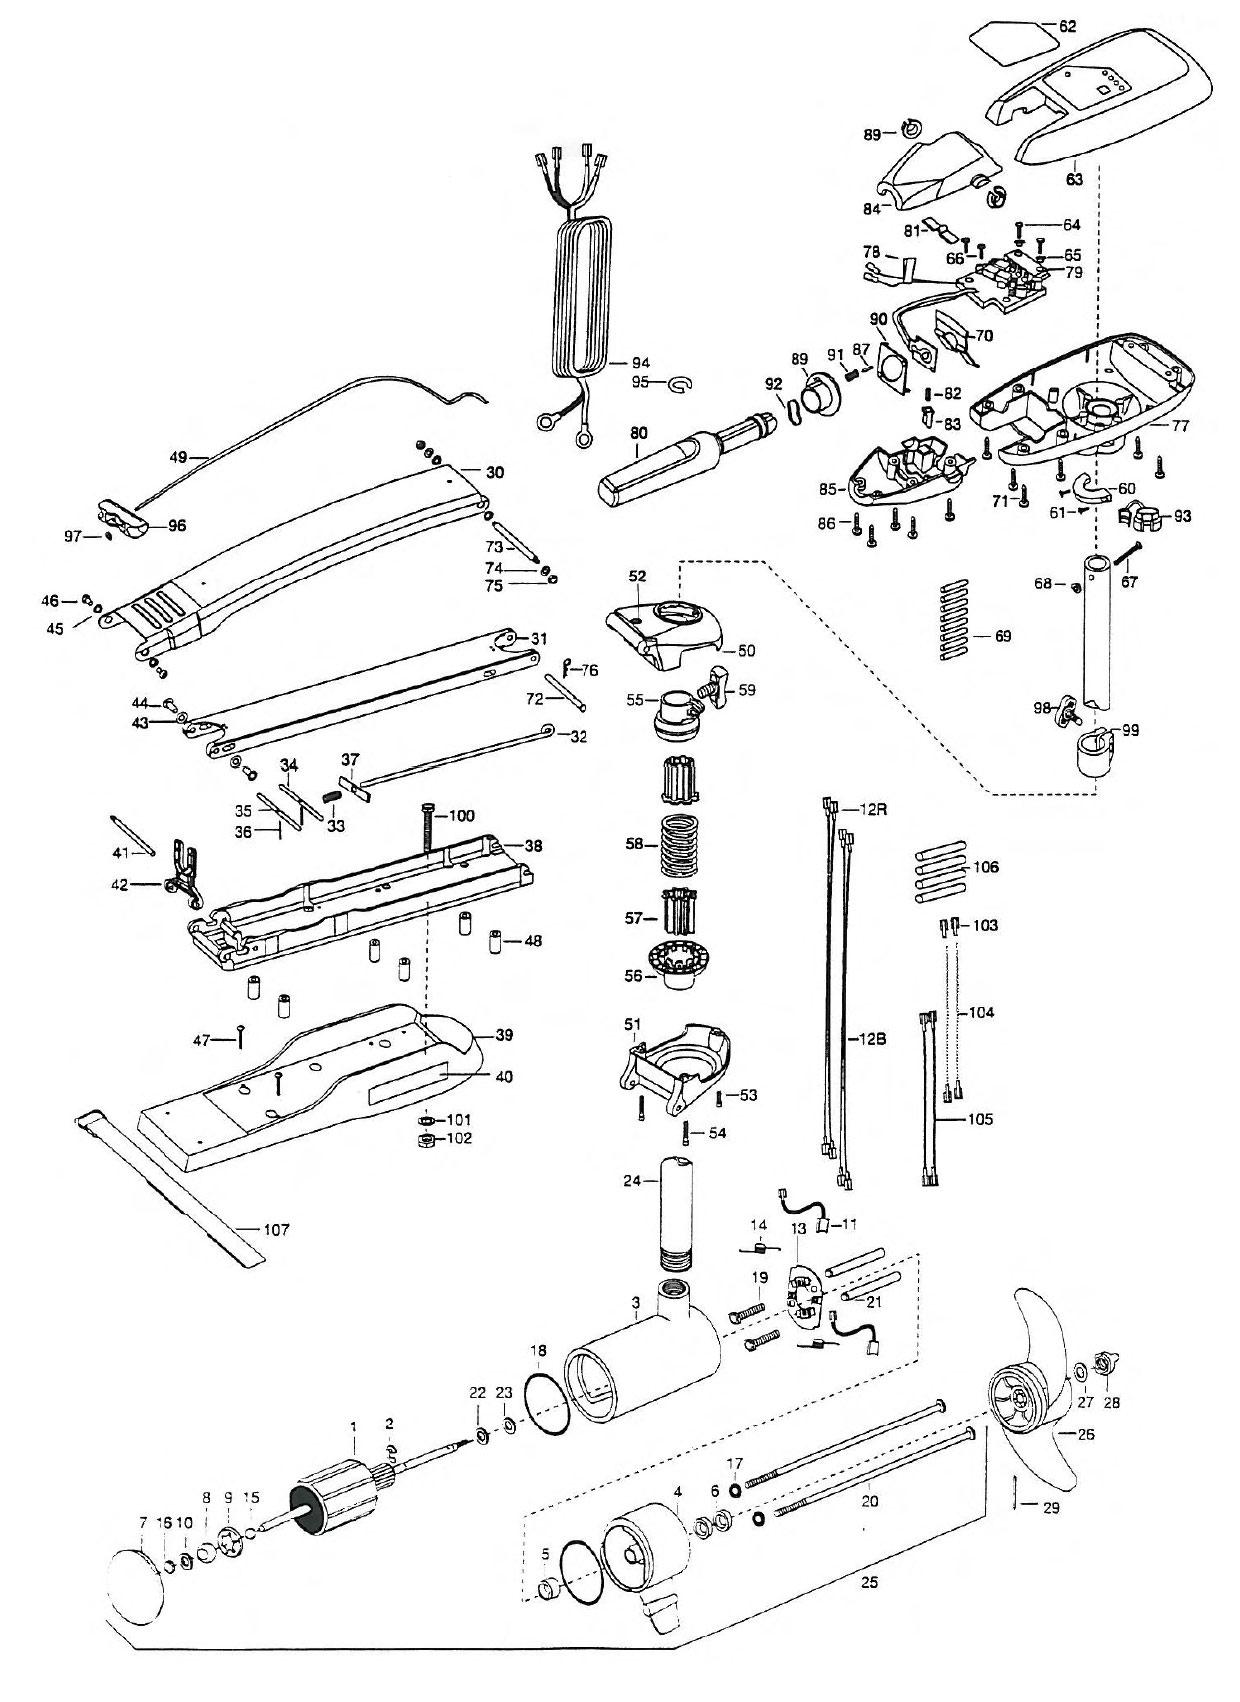 minn kota riptide 74 bowguard parts